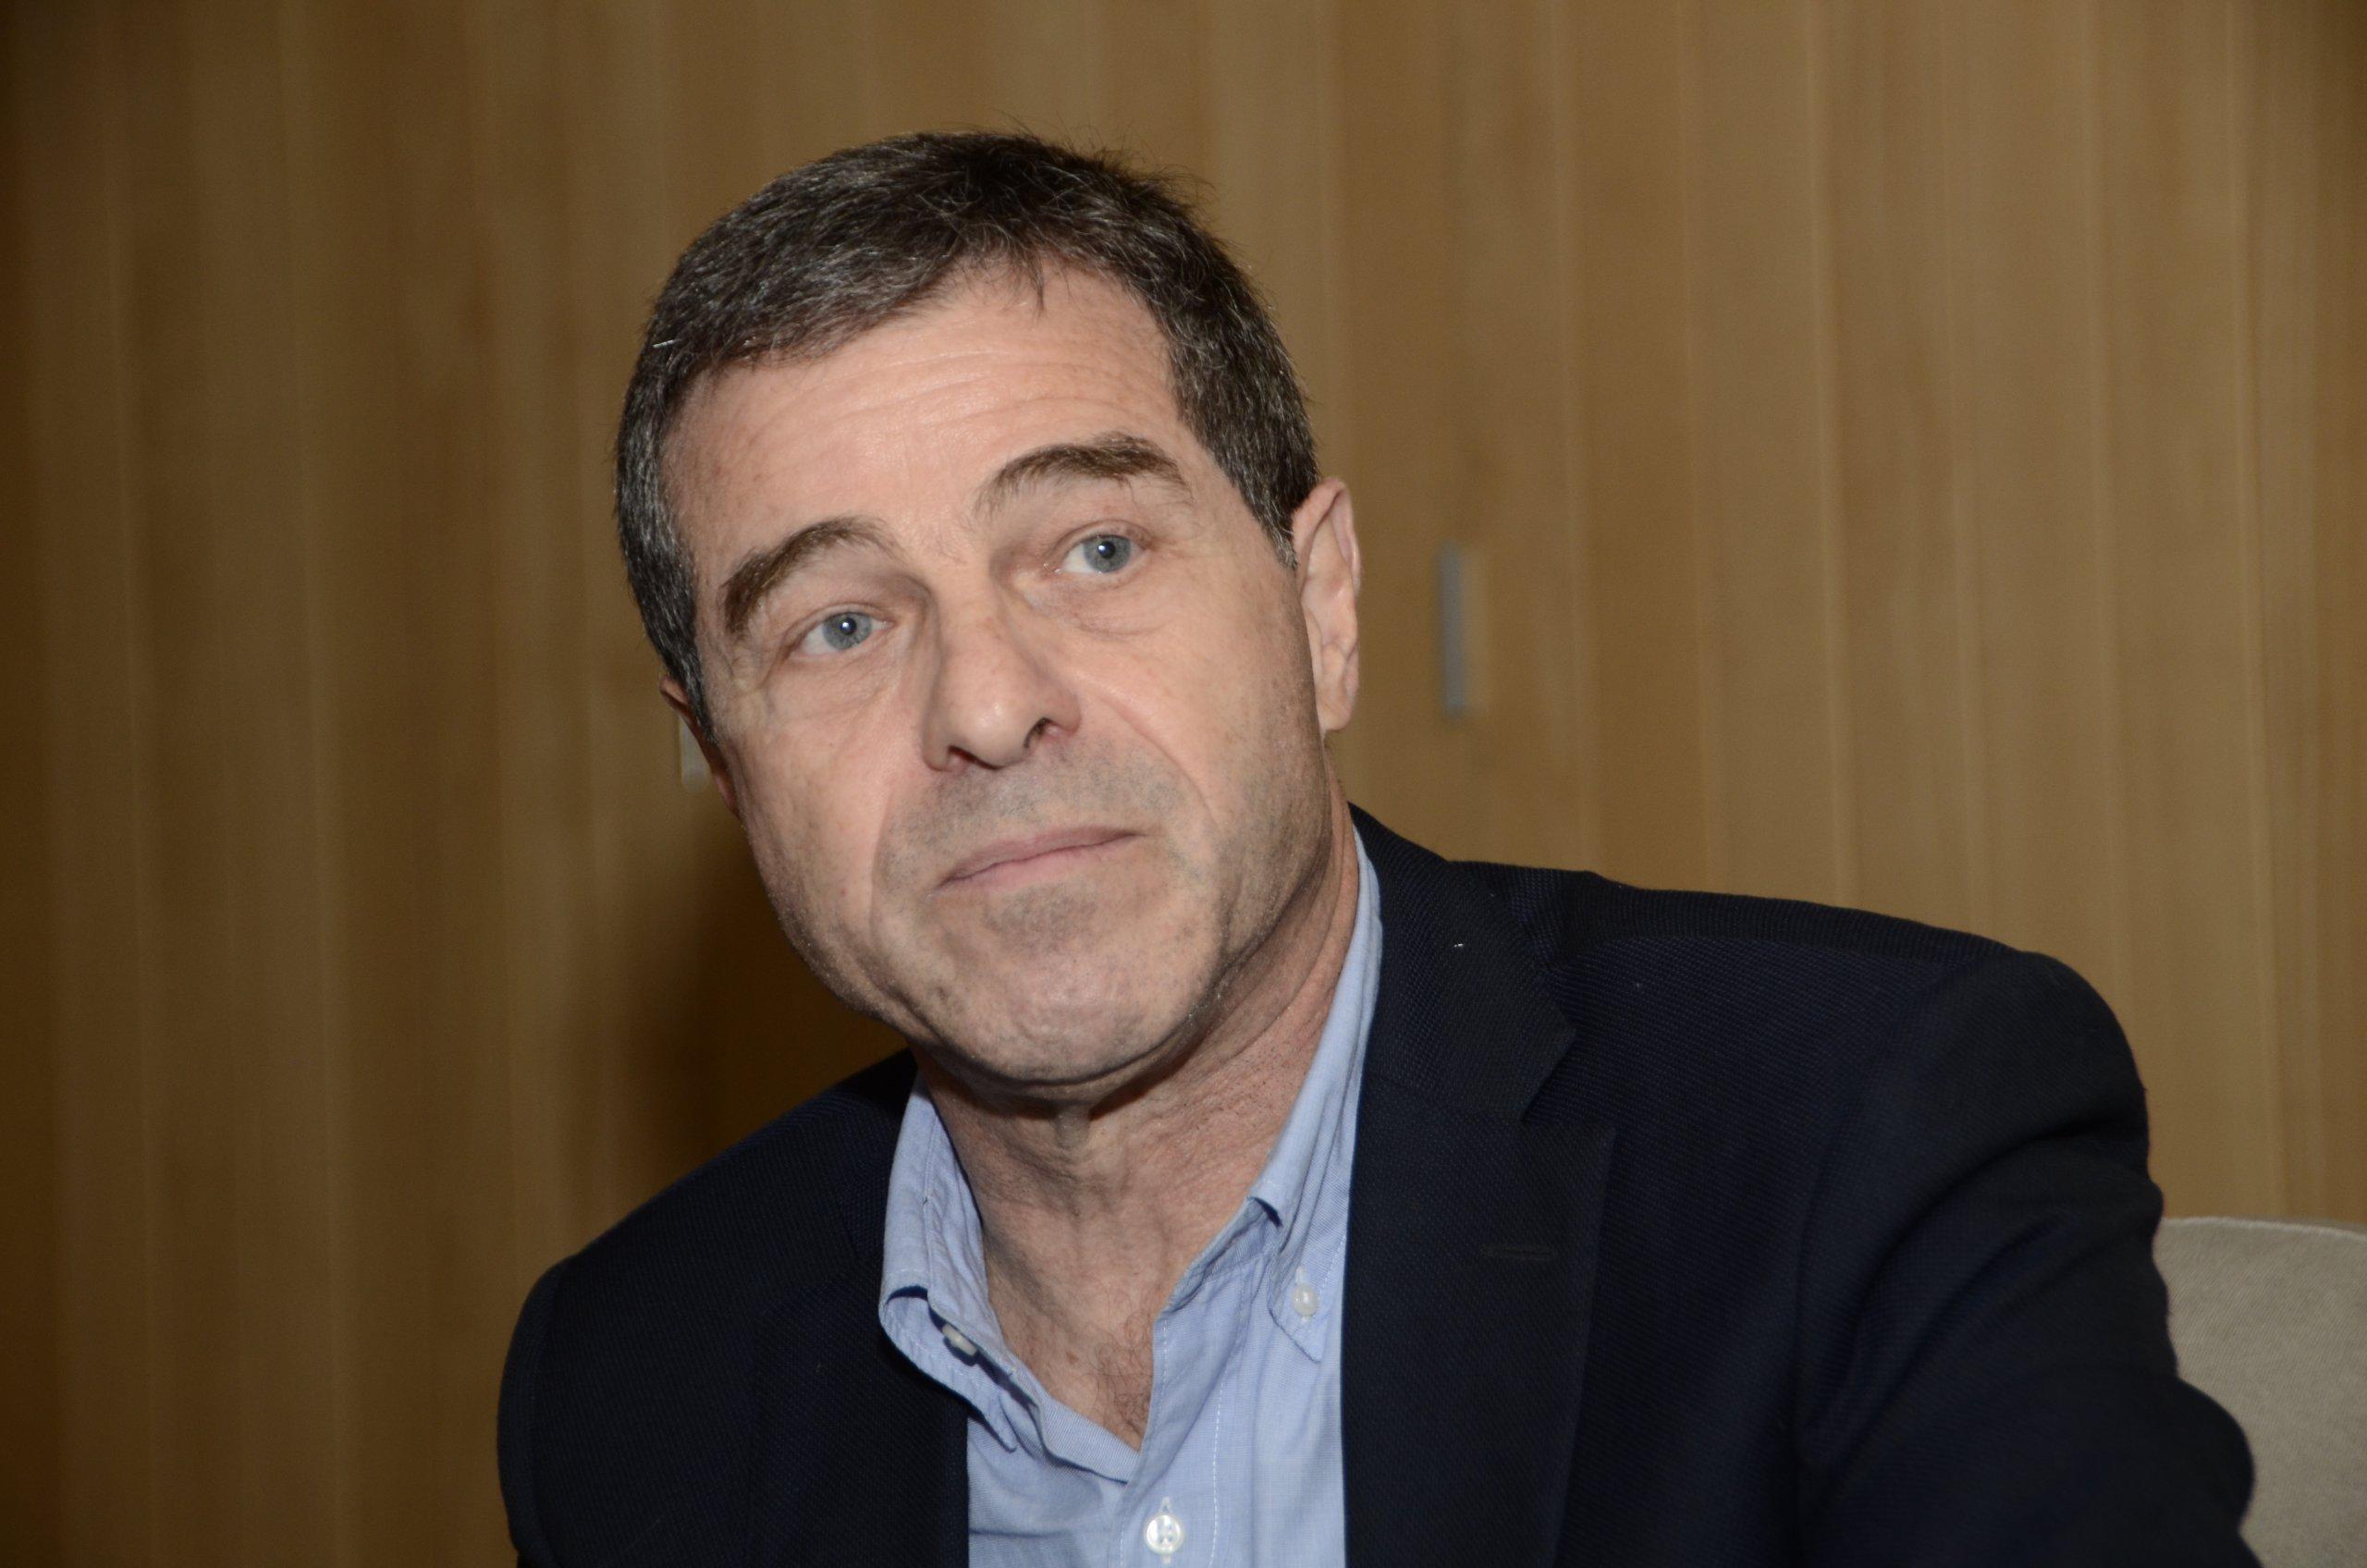 Del sótano al gobierno: el consultor economista en la política  por Eduardo Gudynas